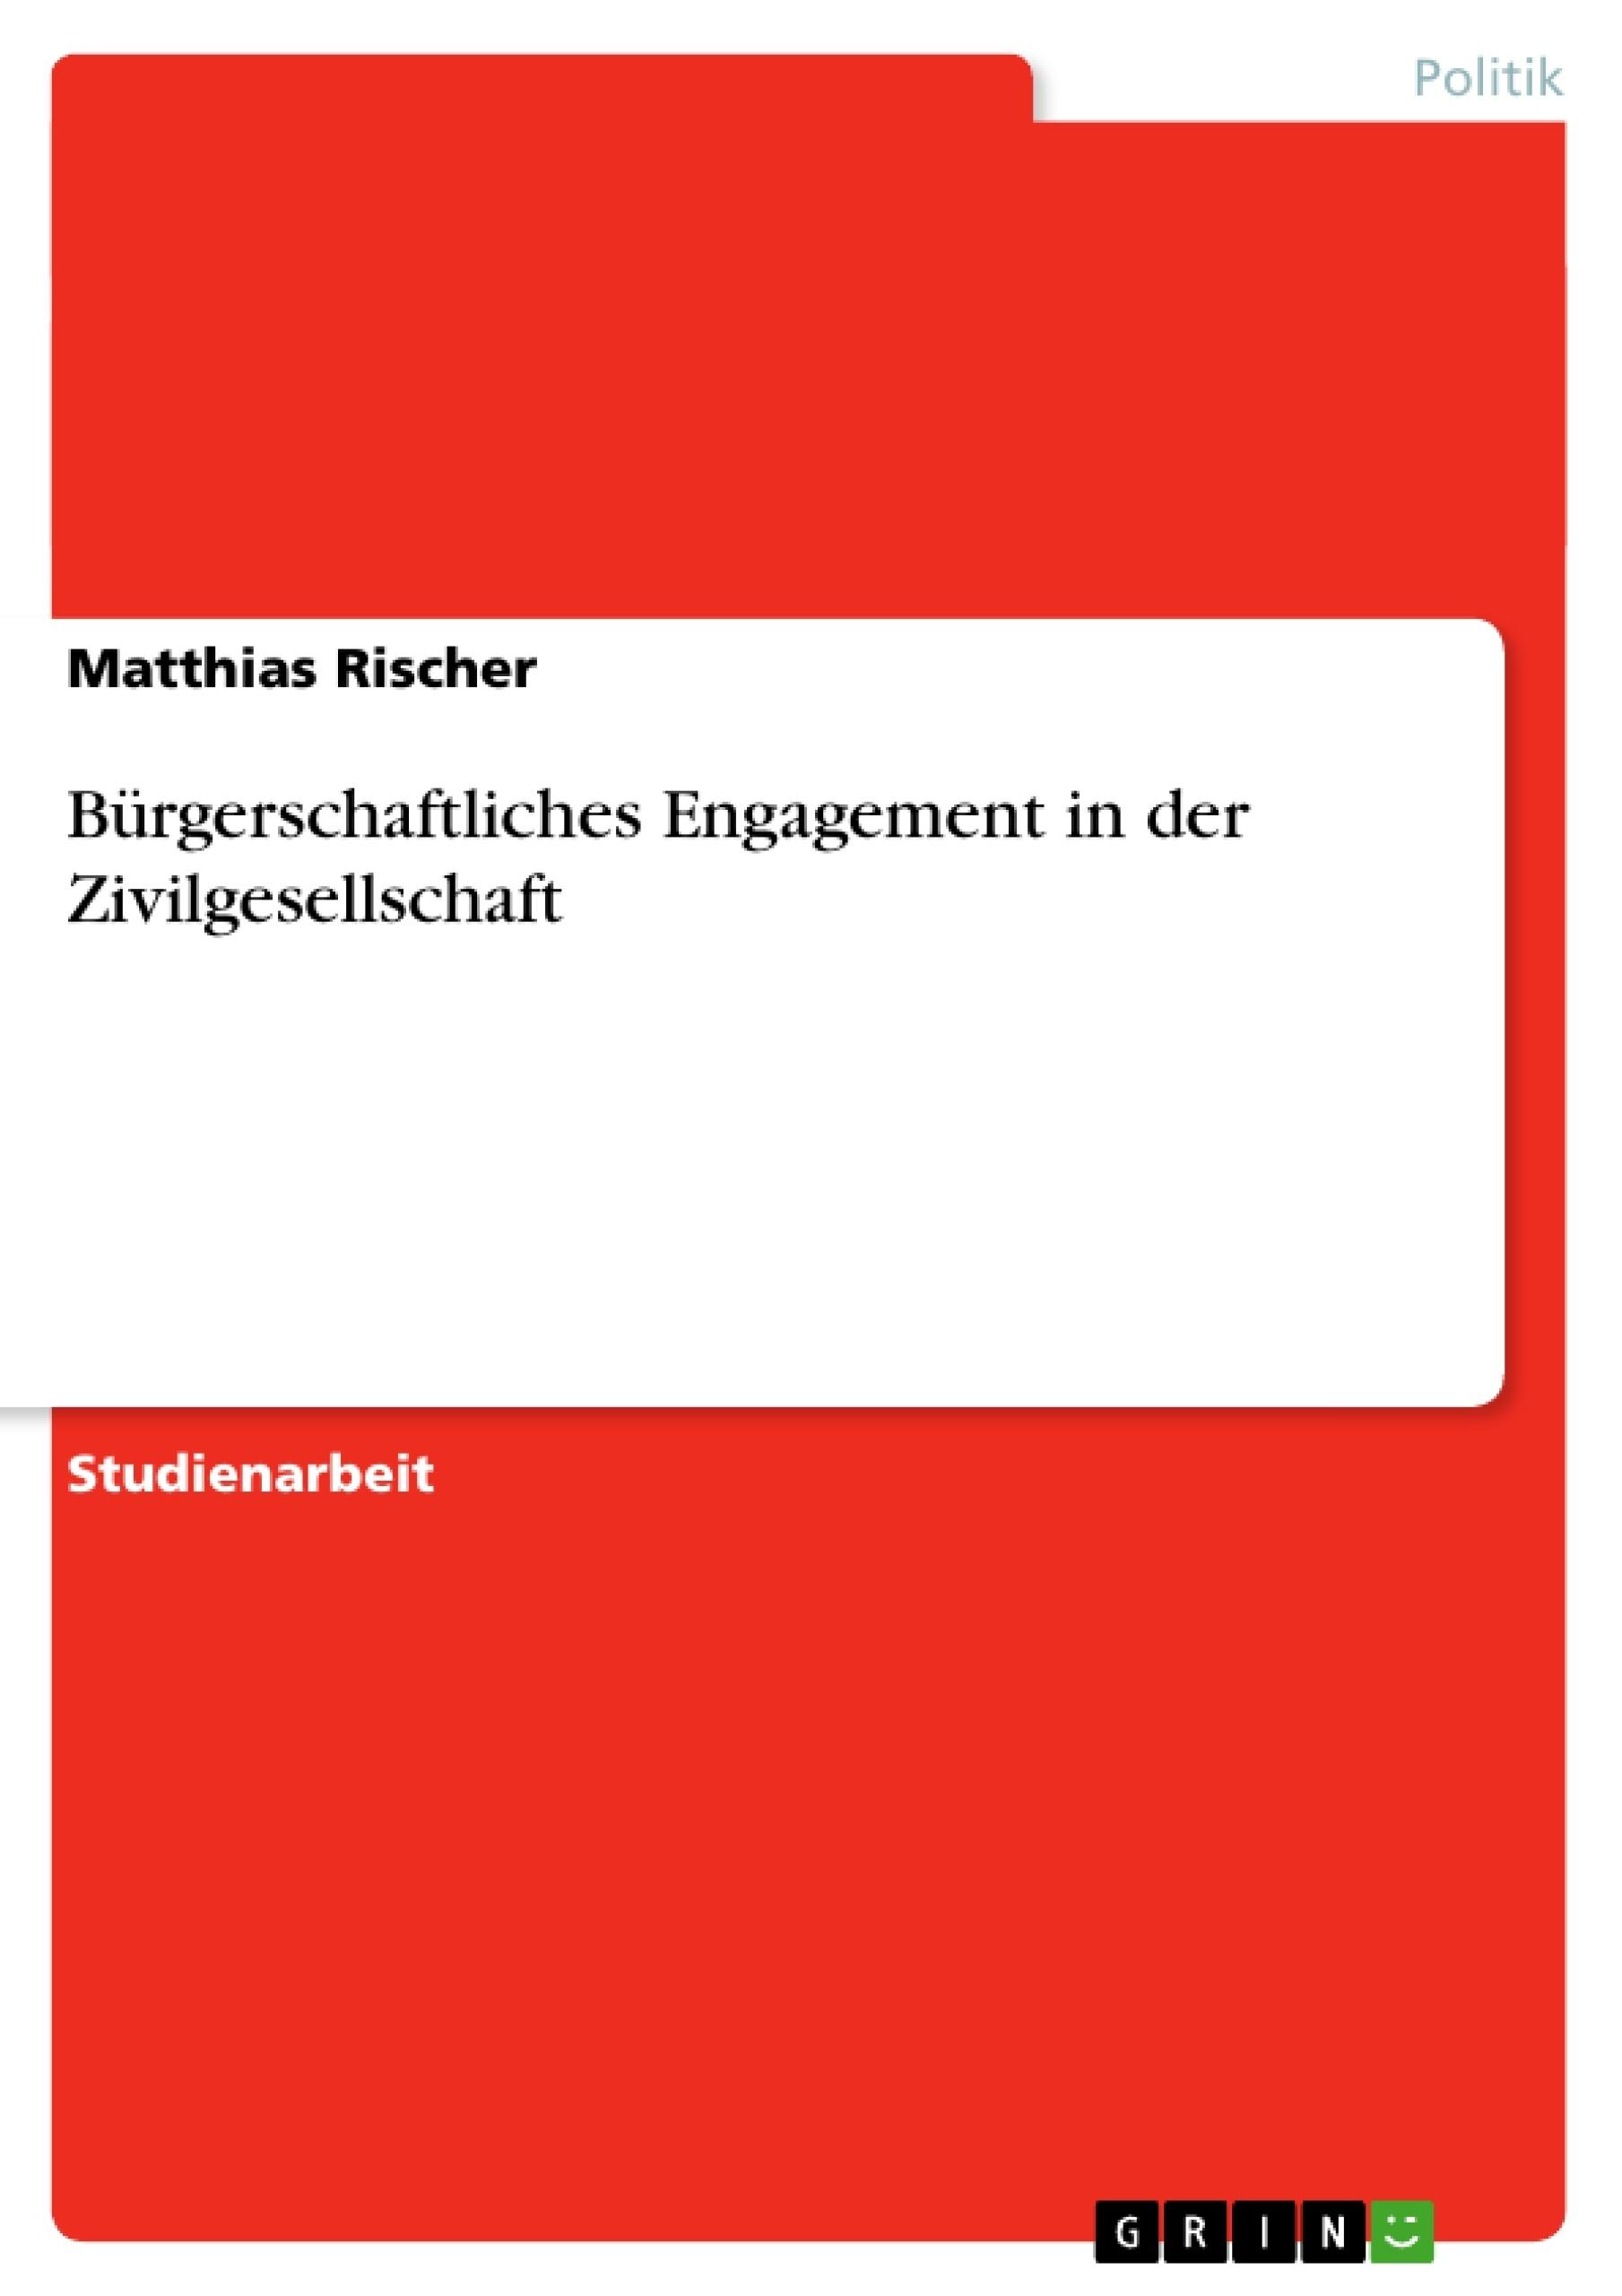 Titel: Bürgerschaftliches Engagement in der Zivilgesellschaft